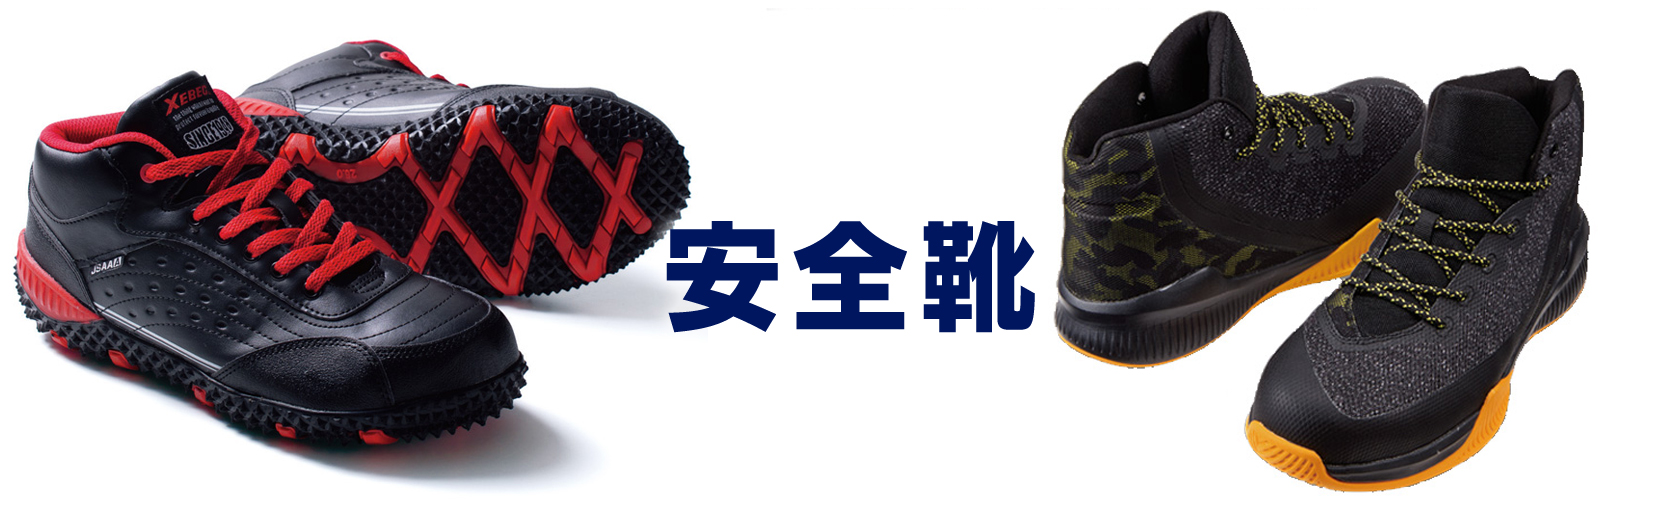 作業靴・安全靴のことなら衣料百貨大槻